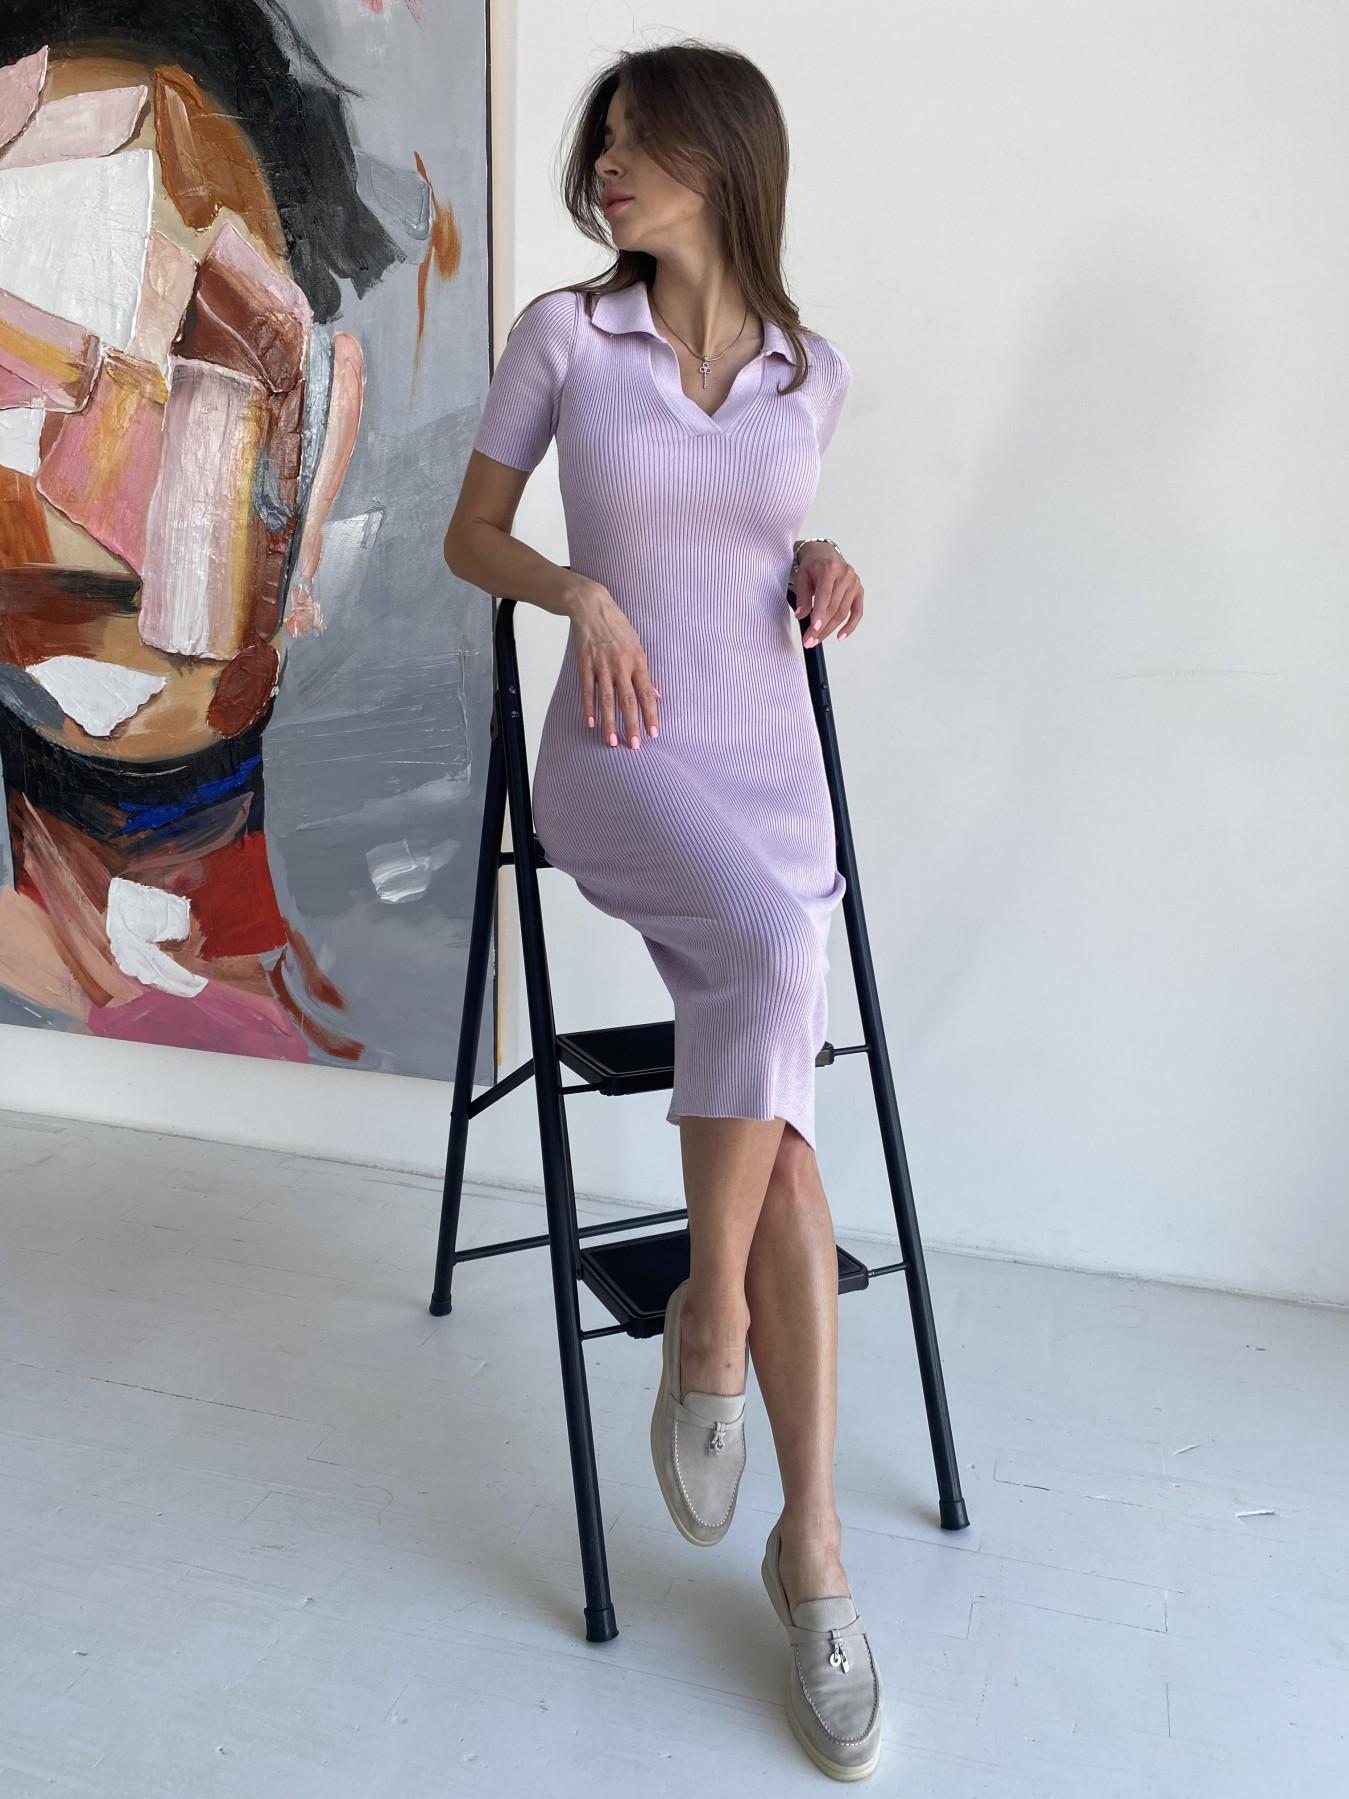 Платье воротник 91688 АРТ. 48064 Цвет: Сирень - фото 7, интернет магазин tm-modus.ru